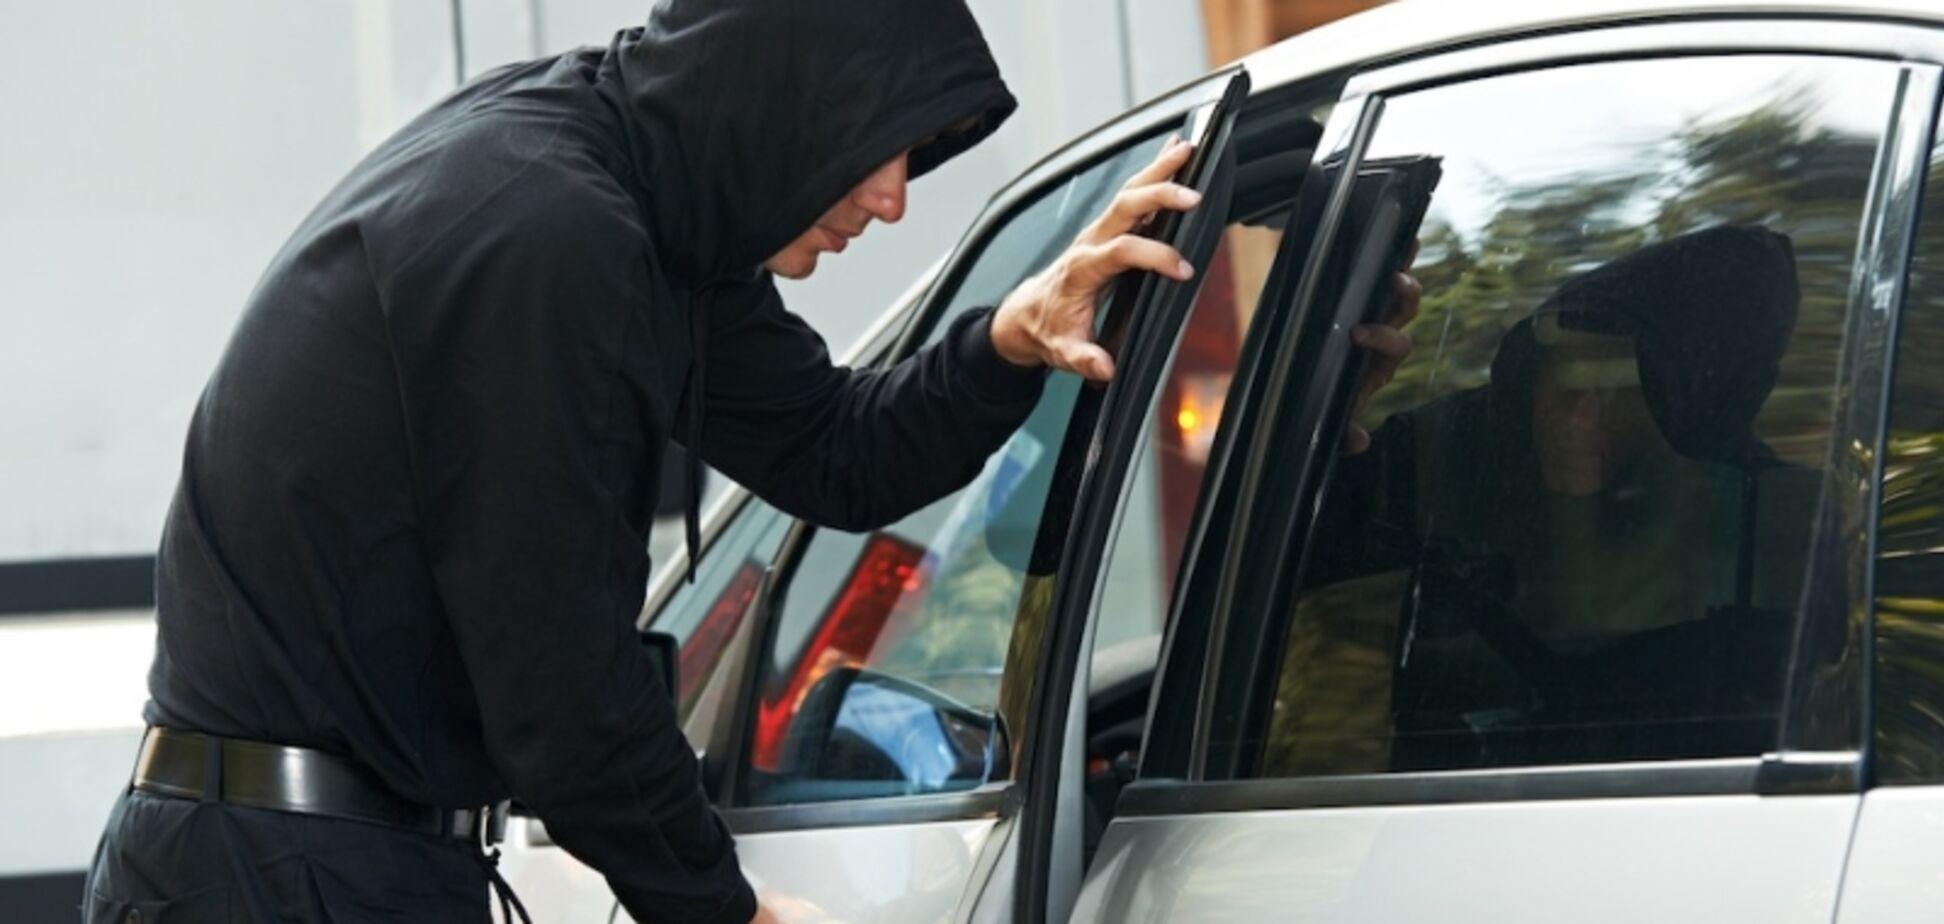 Угон авто с 'приманкой': водителей предупредили о новой хитрости преступников